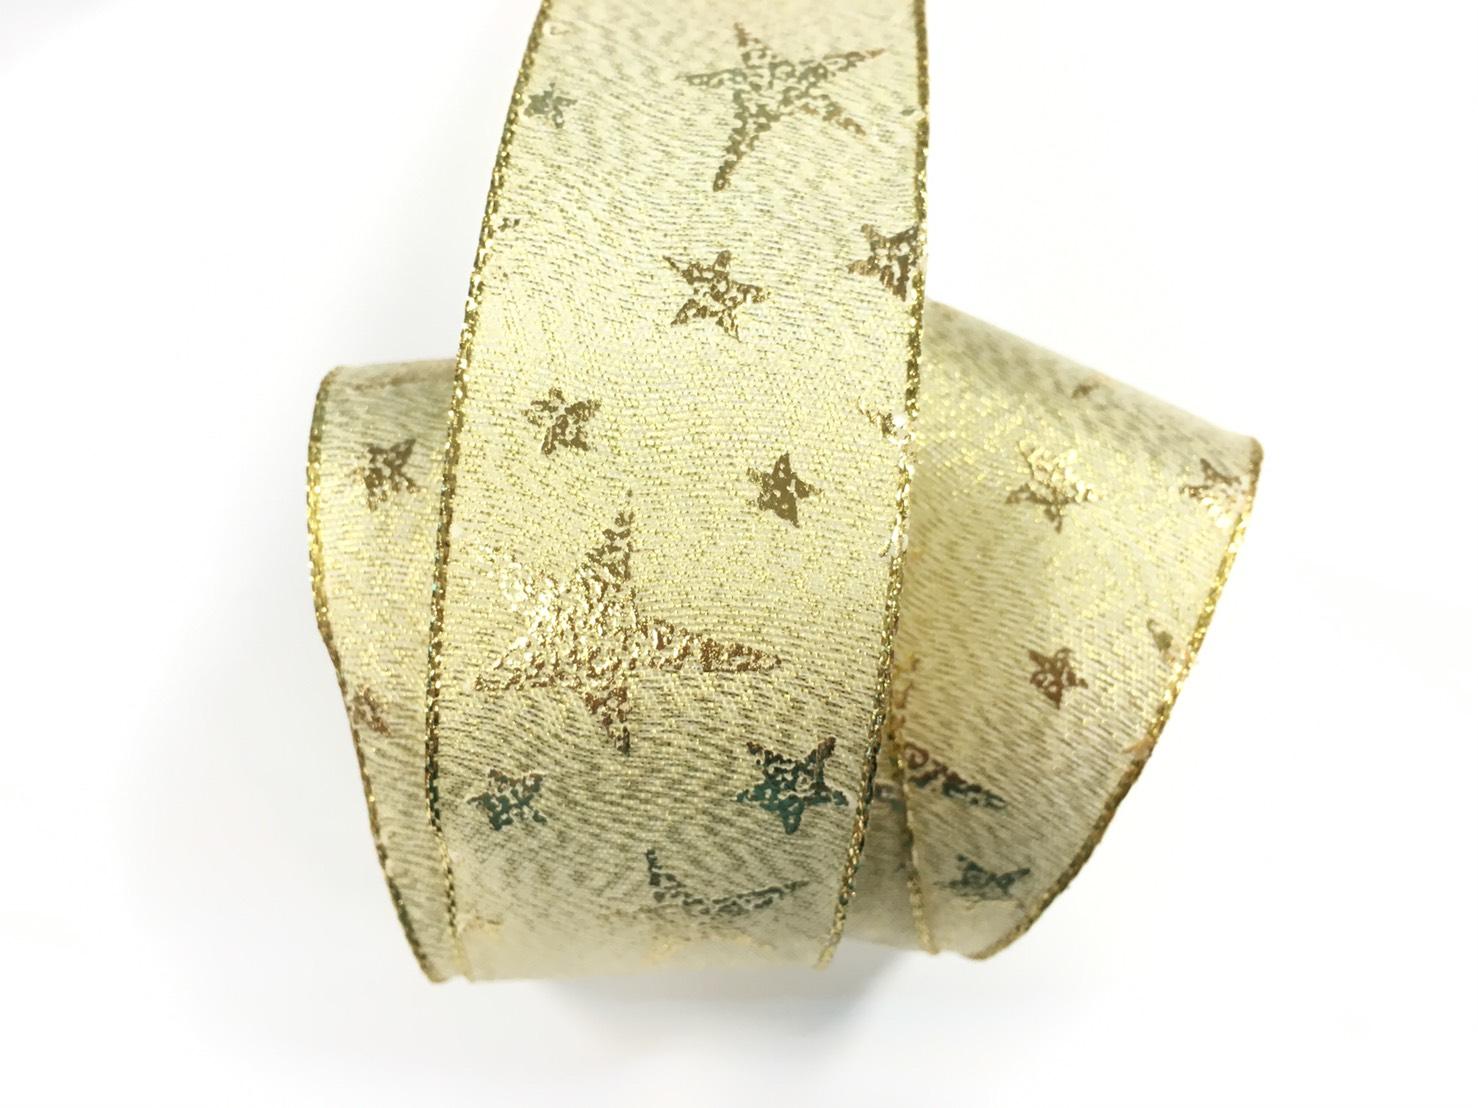 聖誕燙金銀星星+鐵絲緞帶 38mm 3碼裝 (2色)